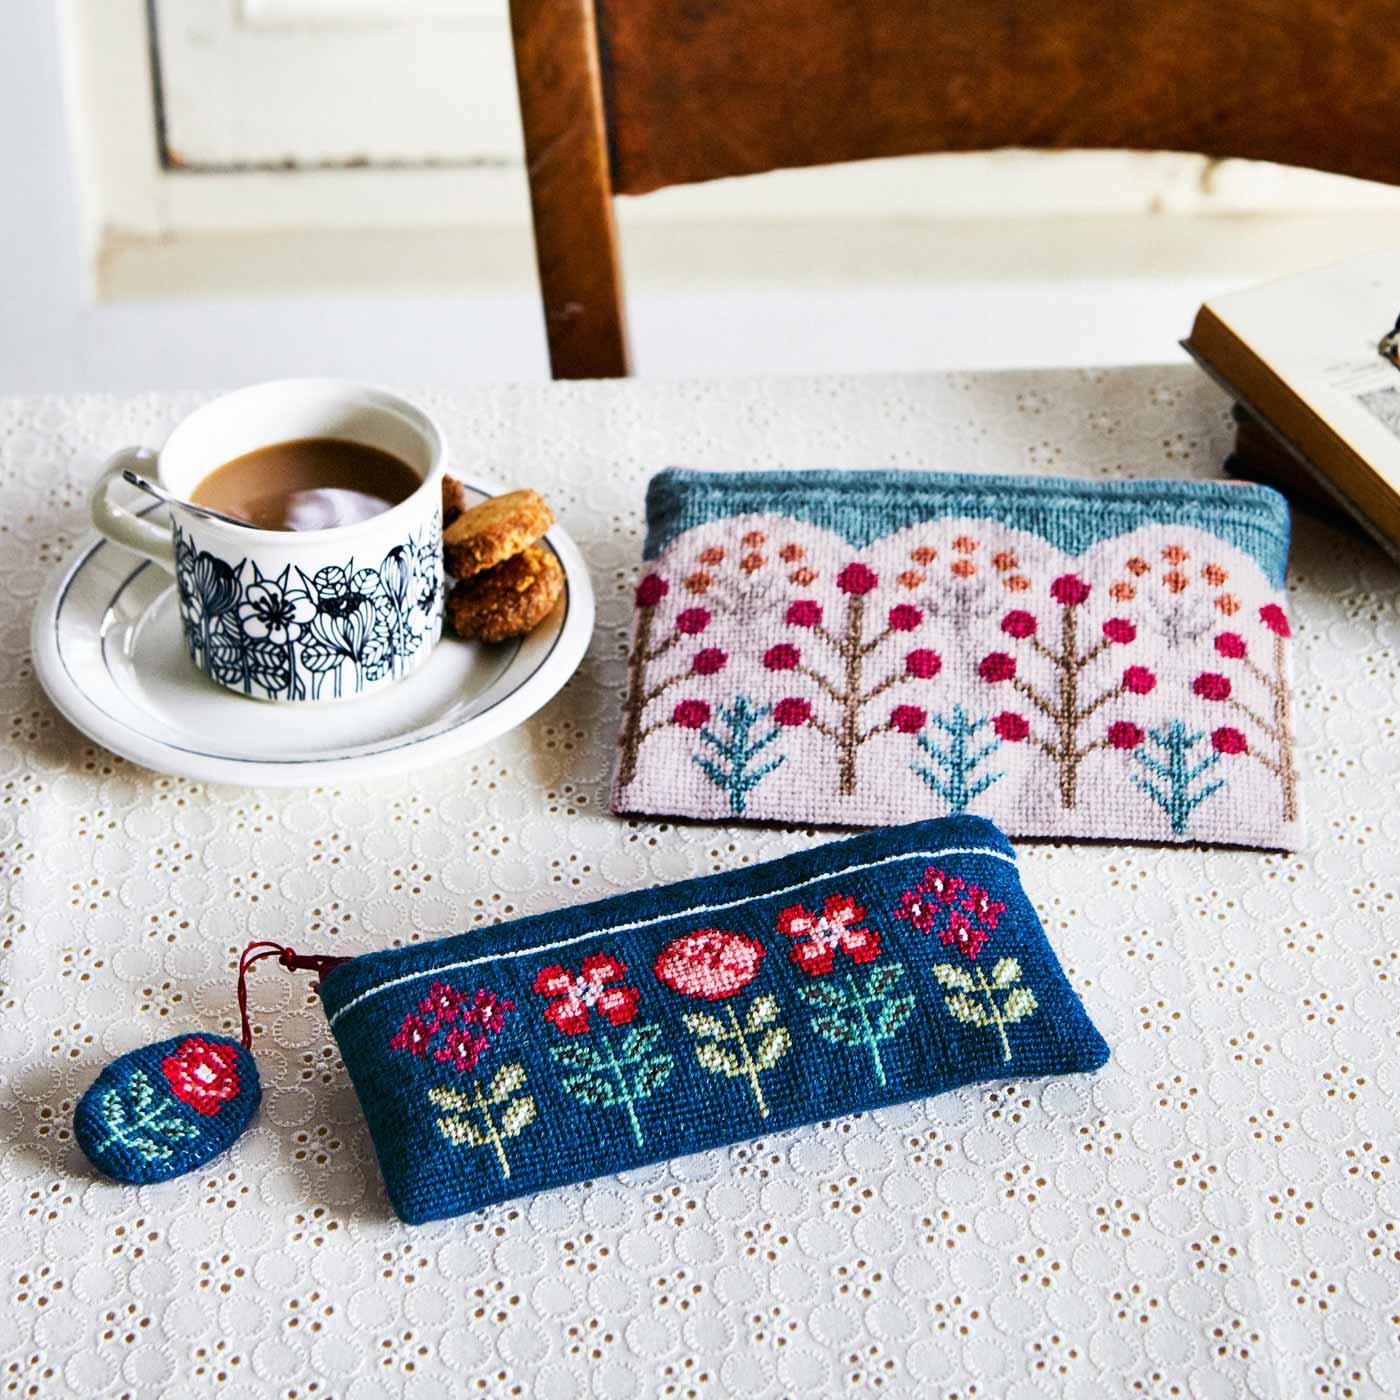 北欧の花と実を描く テキスタイルみたいなニードルポイントポーチの会